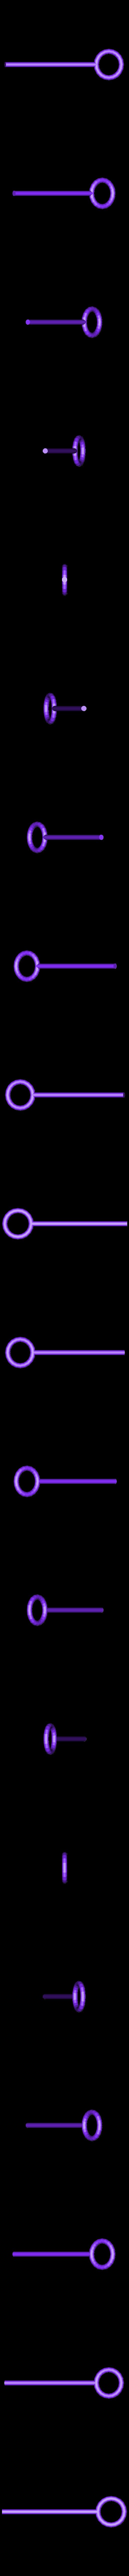 recordplayer_set_6.stl Télécharger fichier STL gratuit Lecteur vinyle coudé à la main • Design à imprimer en 3D, Tramgonce